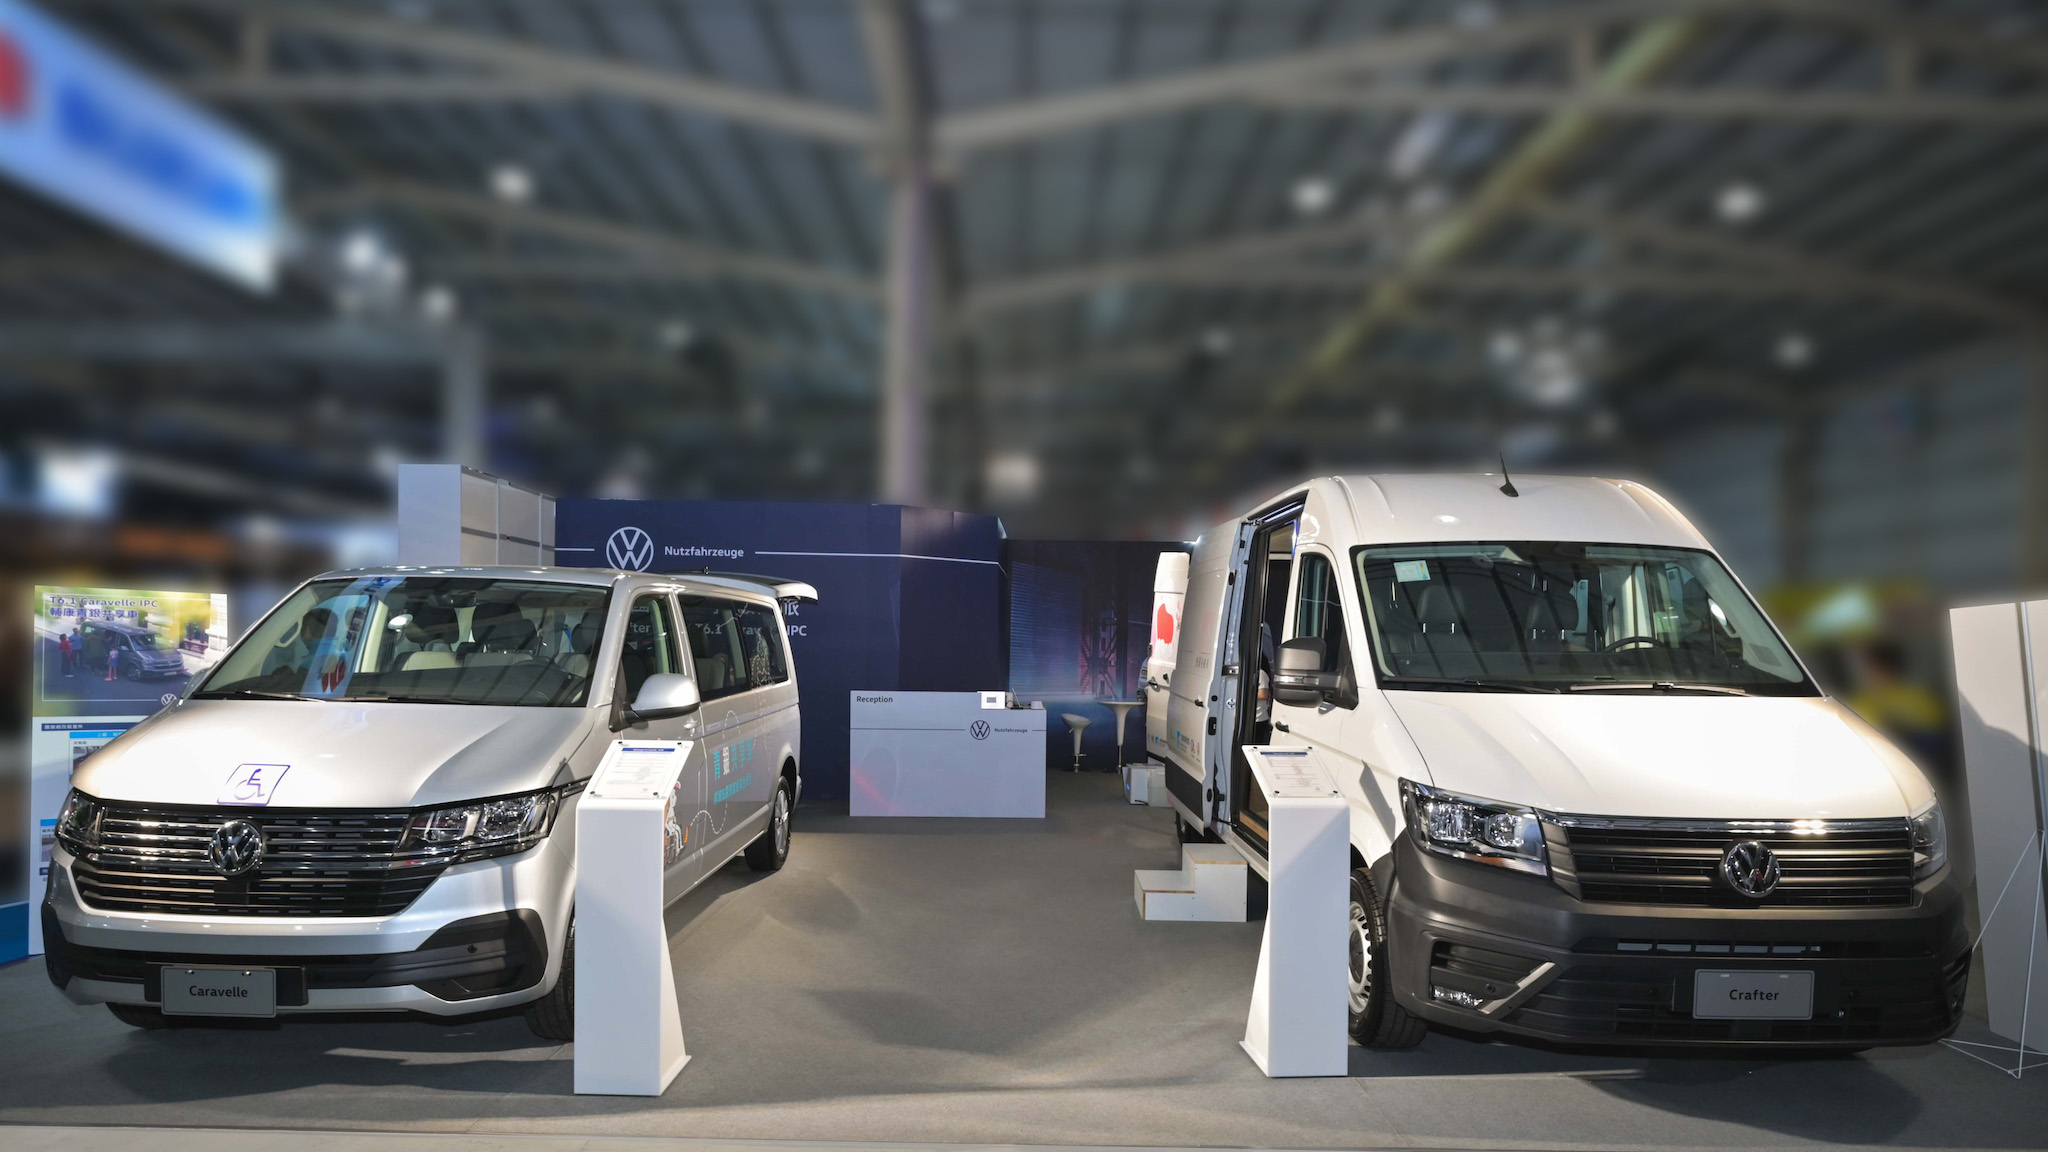 福斯商旅 T6.1 Caravelle 青銀共享車 213.4 萬、Crafter 健康行動車 488 萬商車展同步登場